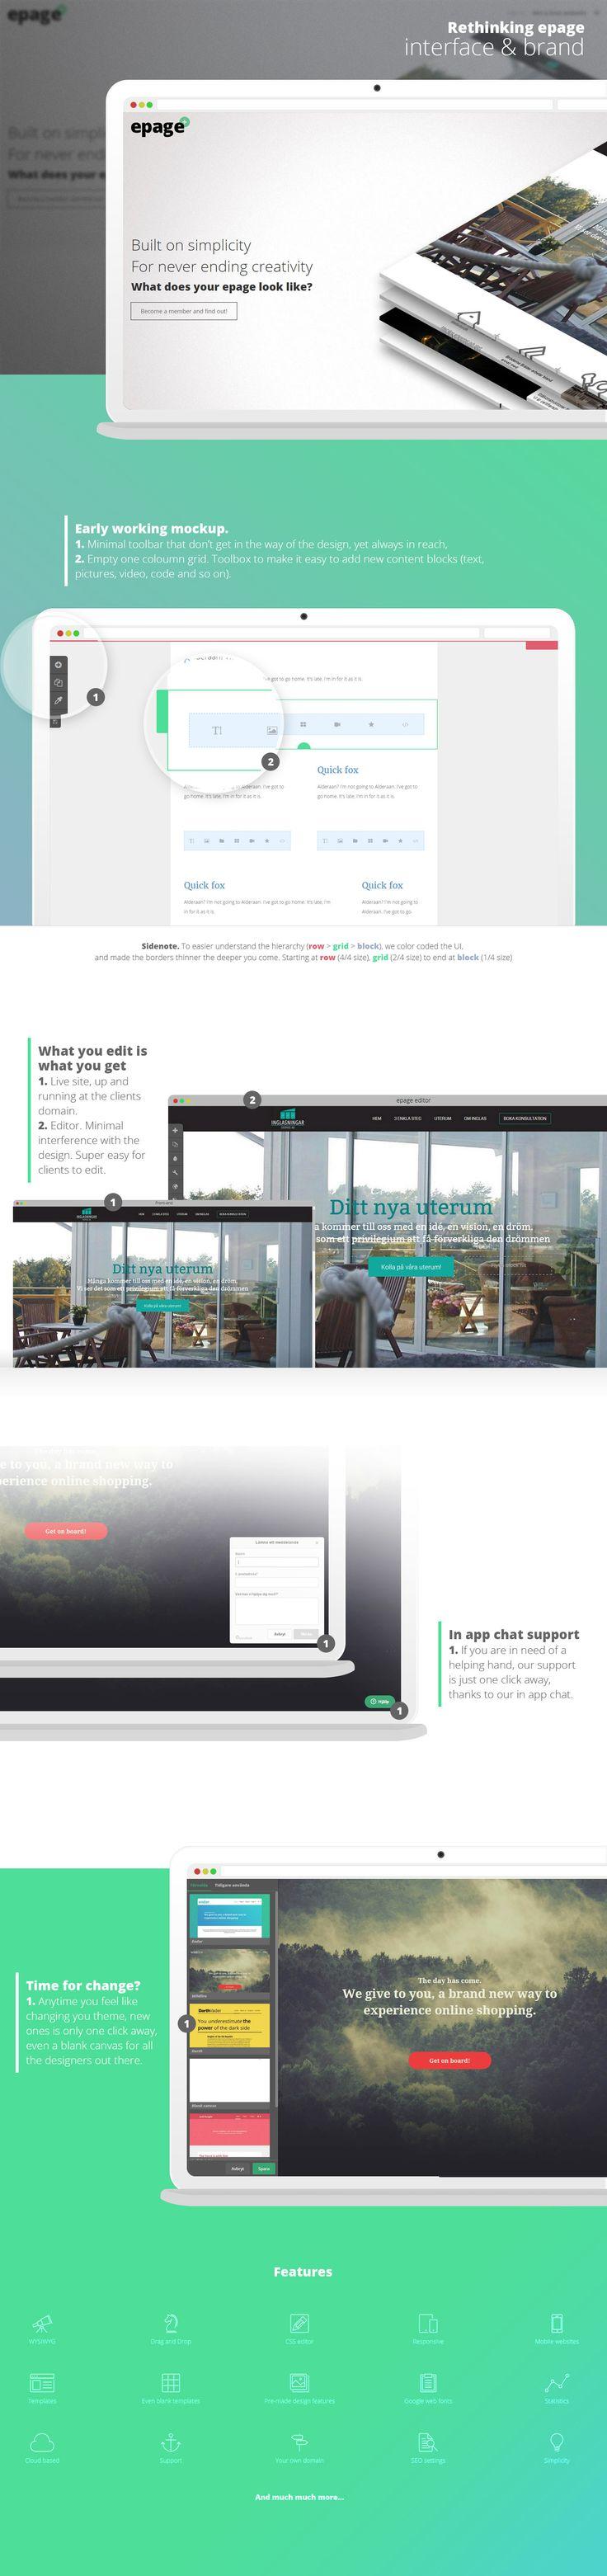 Rethinging epage. UI & Brand. on Behance